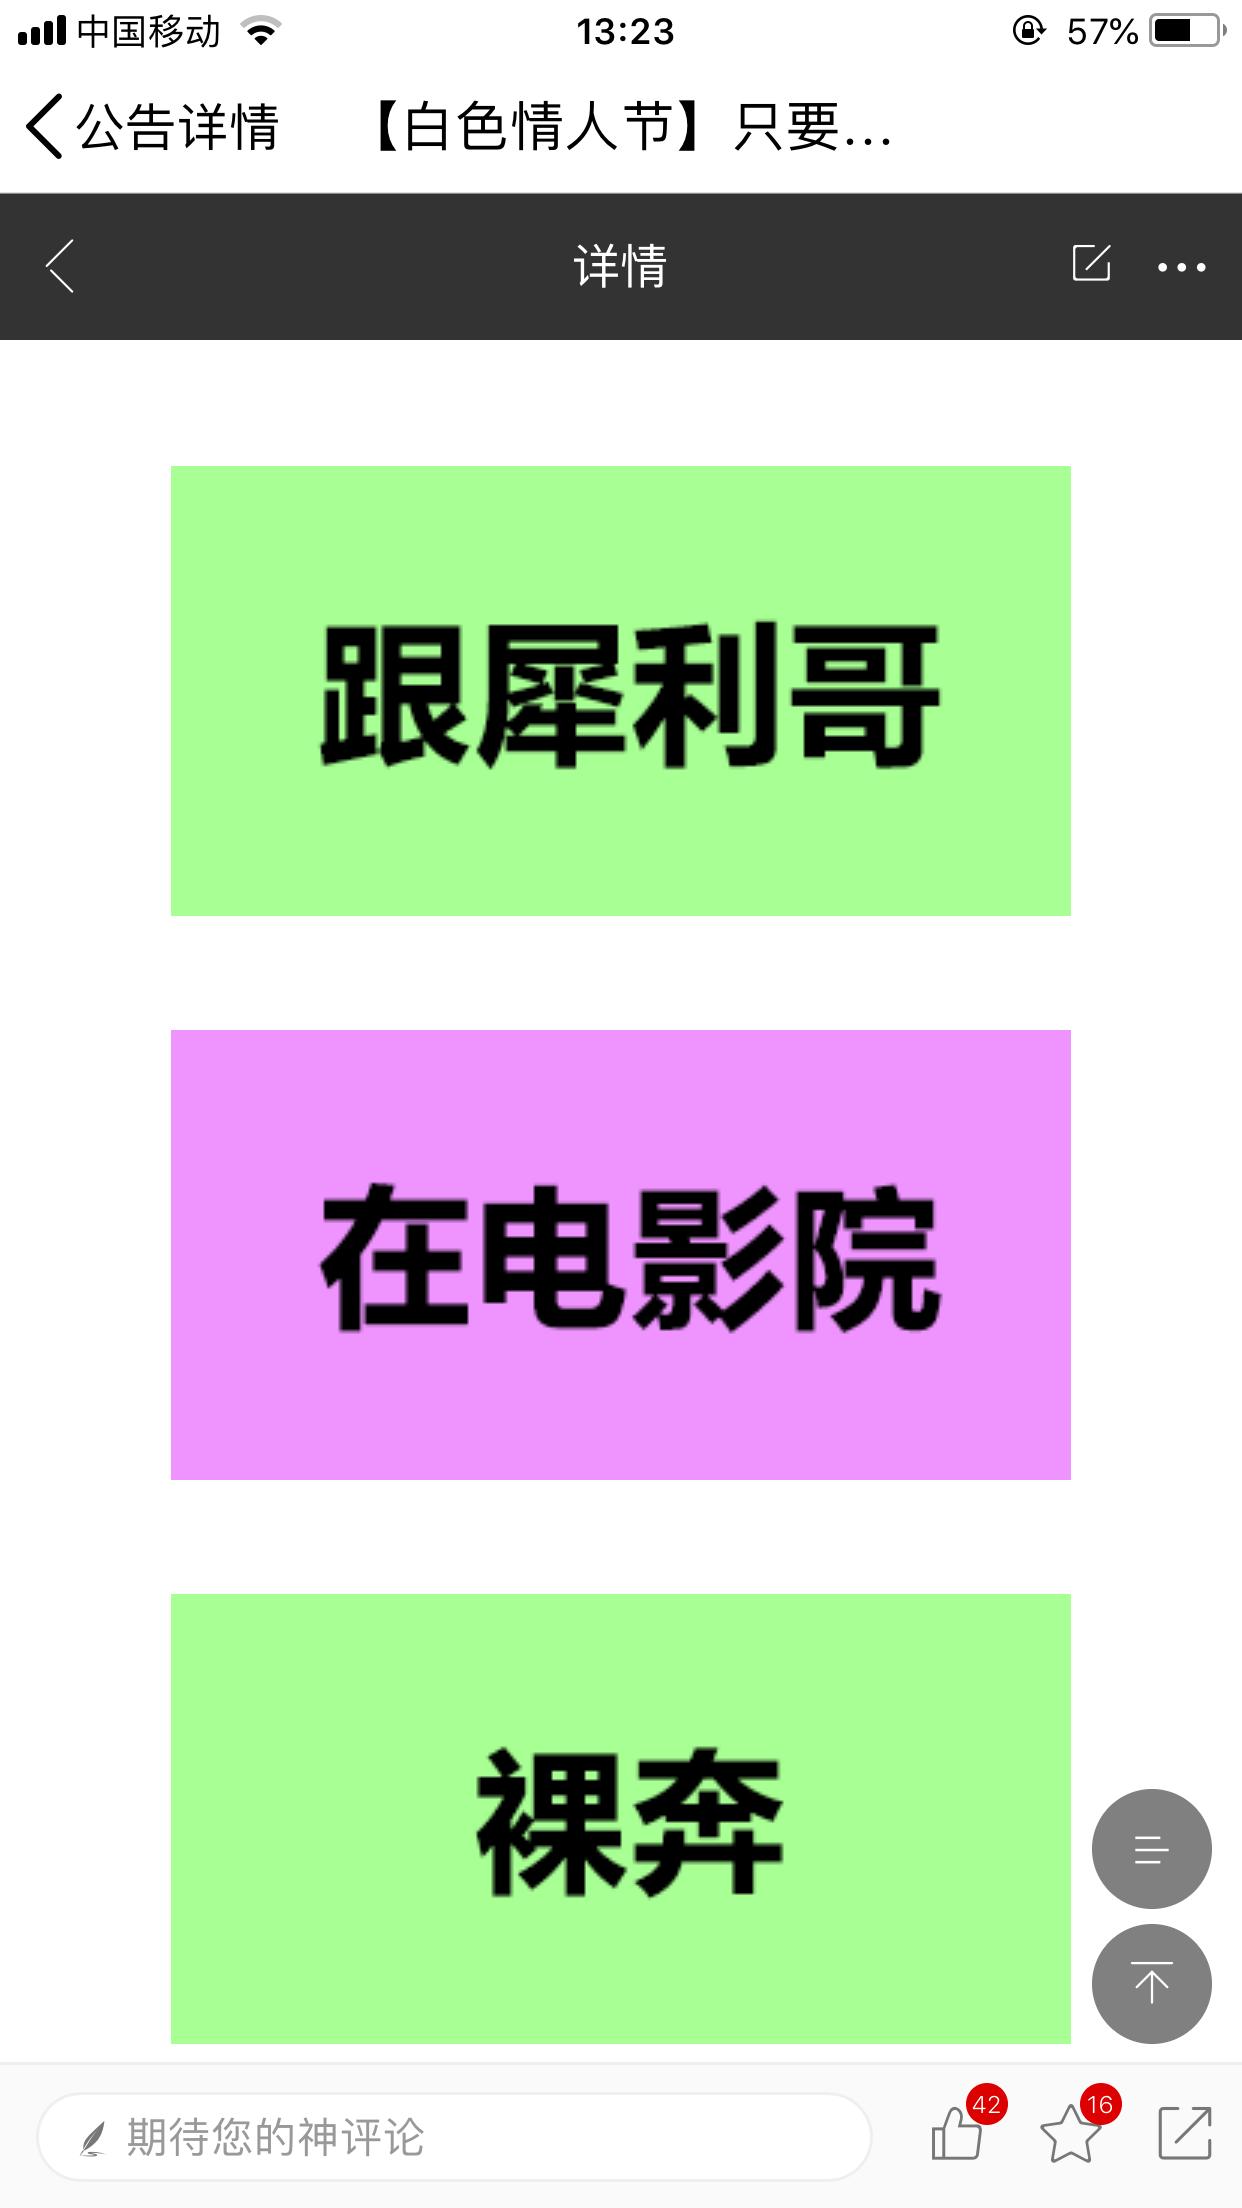 15D26044-1DAB-4808-9C5E-71D5E215DFDA.png